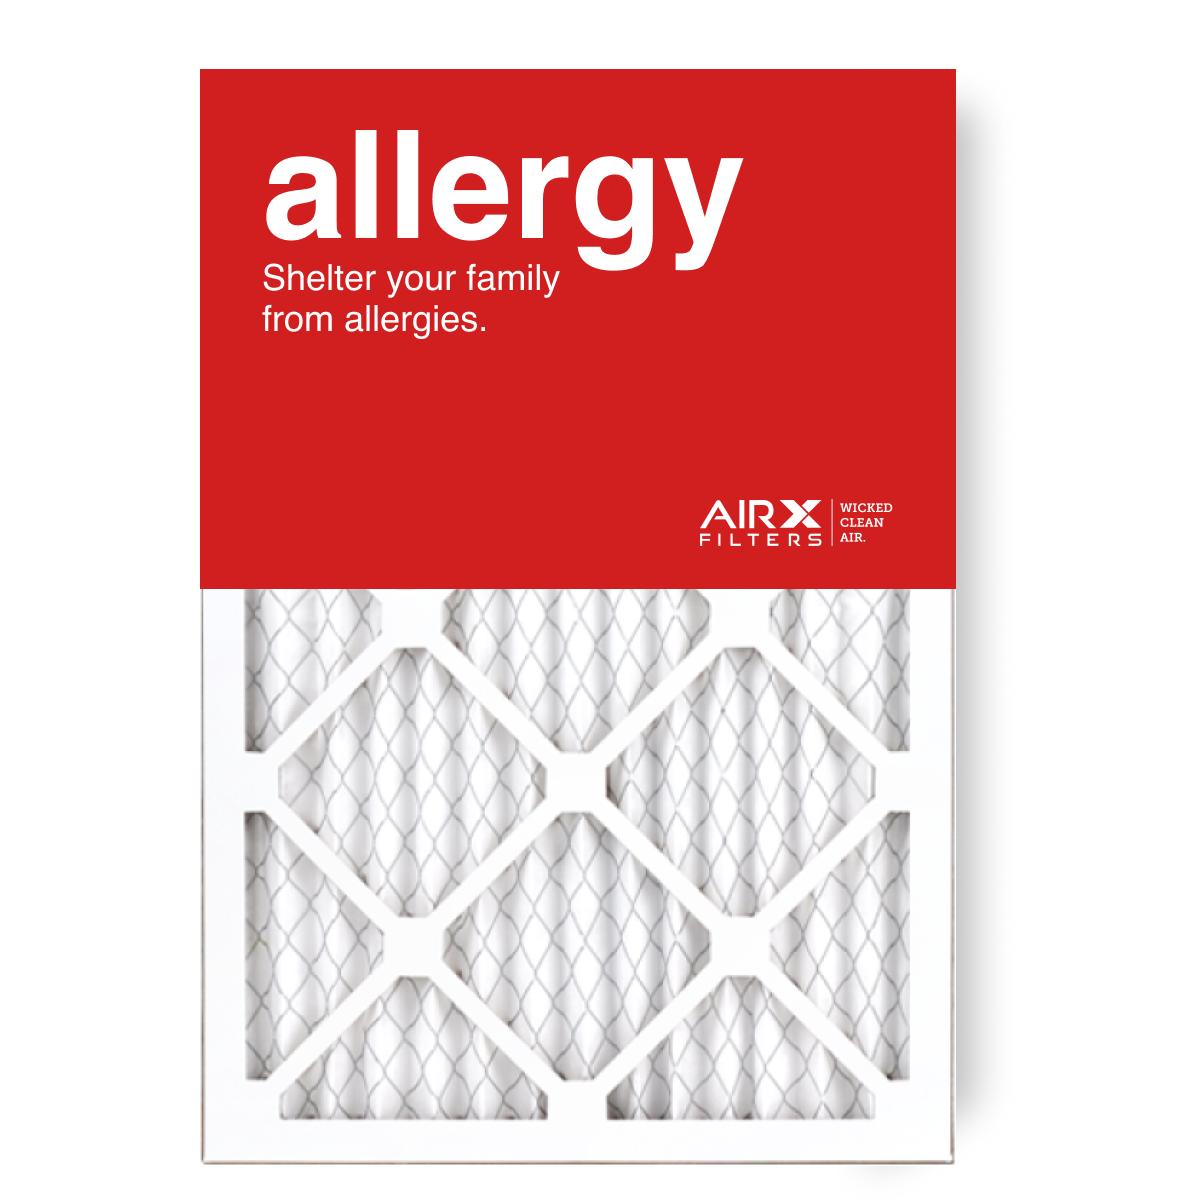 14x20x1 AIRx ALLERGY Air Filter